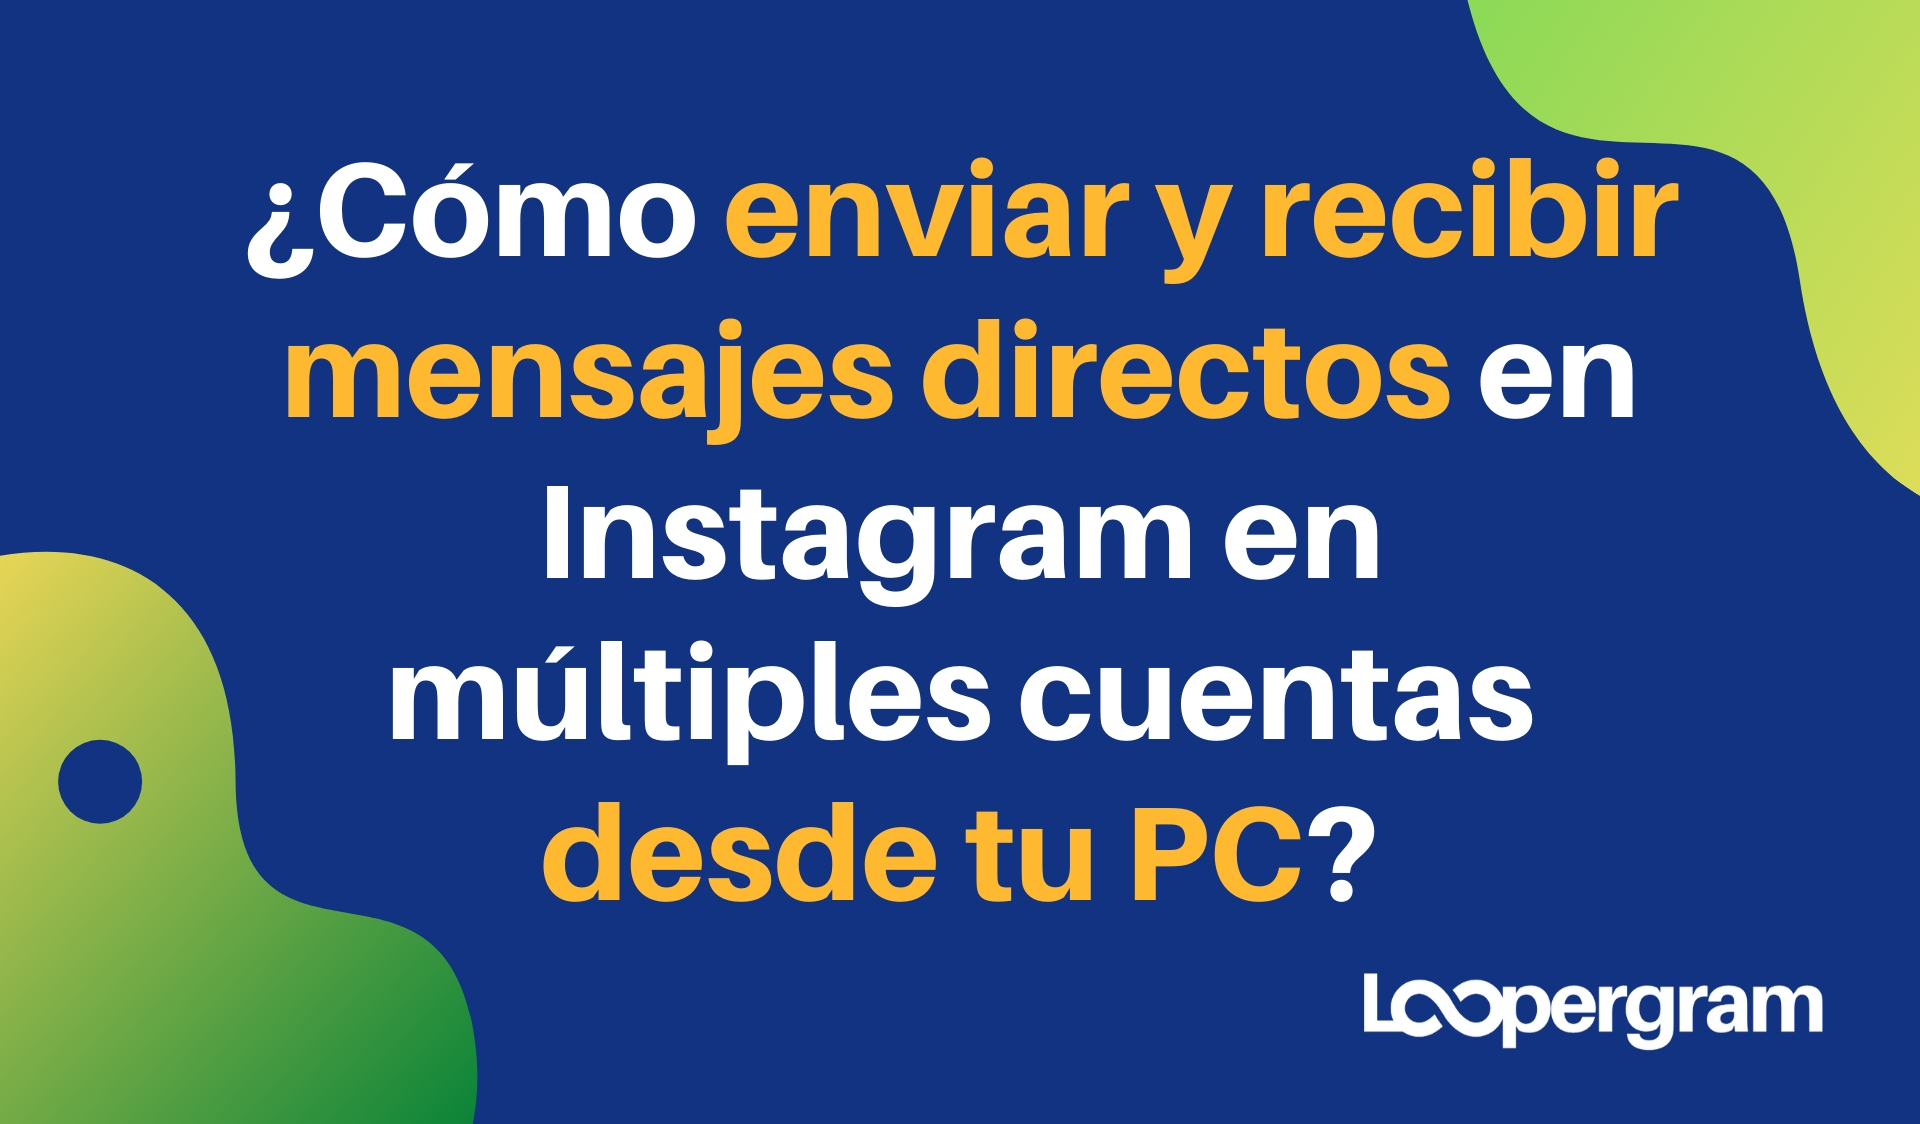 ¿Cómo enviar y recibir mensajes directos en Instagram en múltiples cuentas desde tu PC?